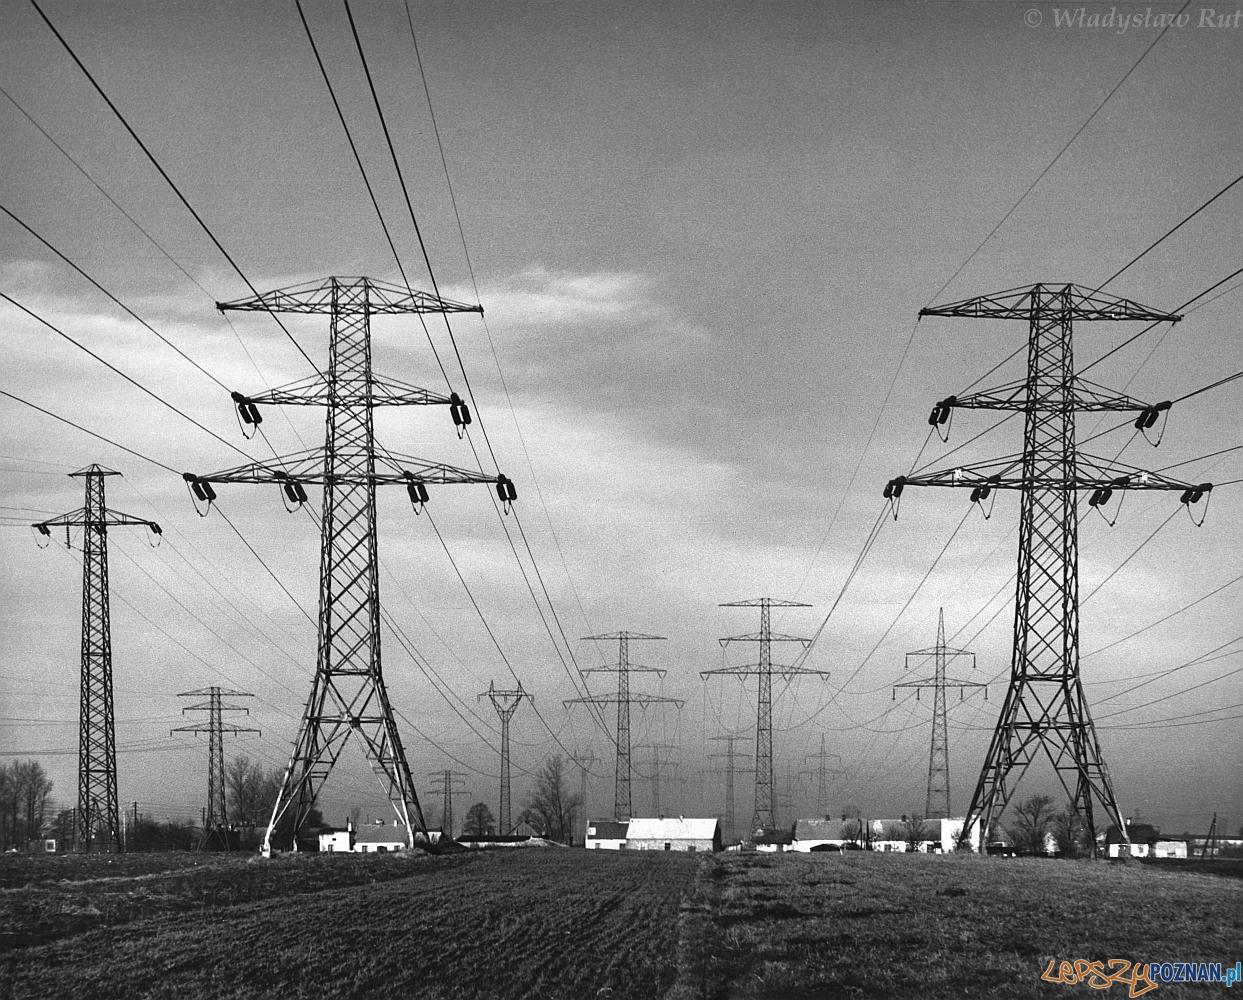 Krajobraz przemysłowy 1  Foto: Władysław Rut